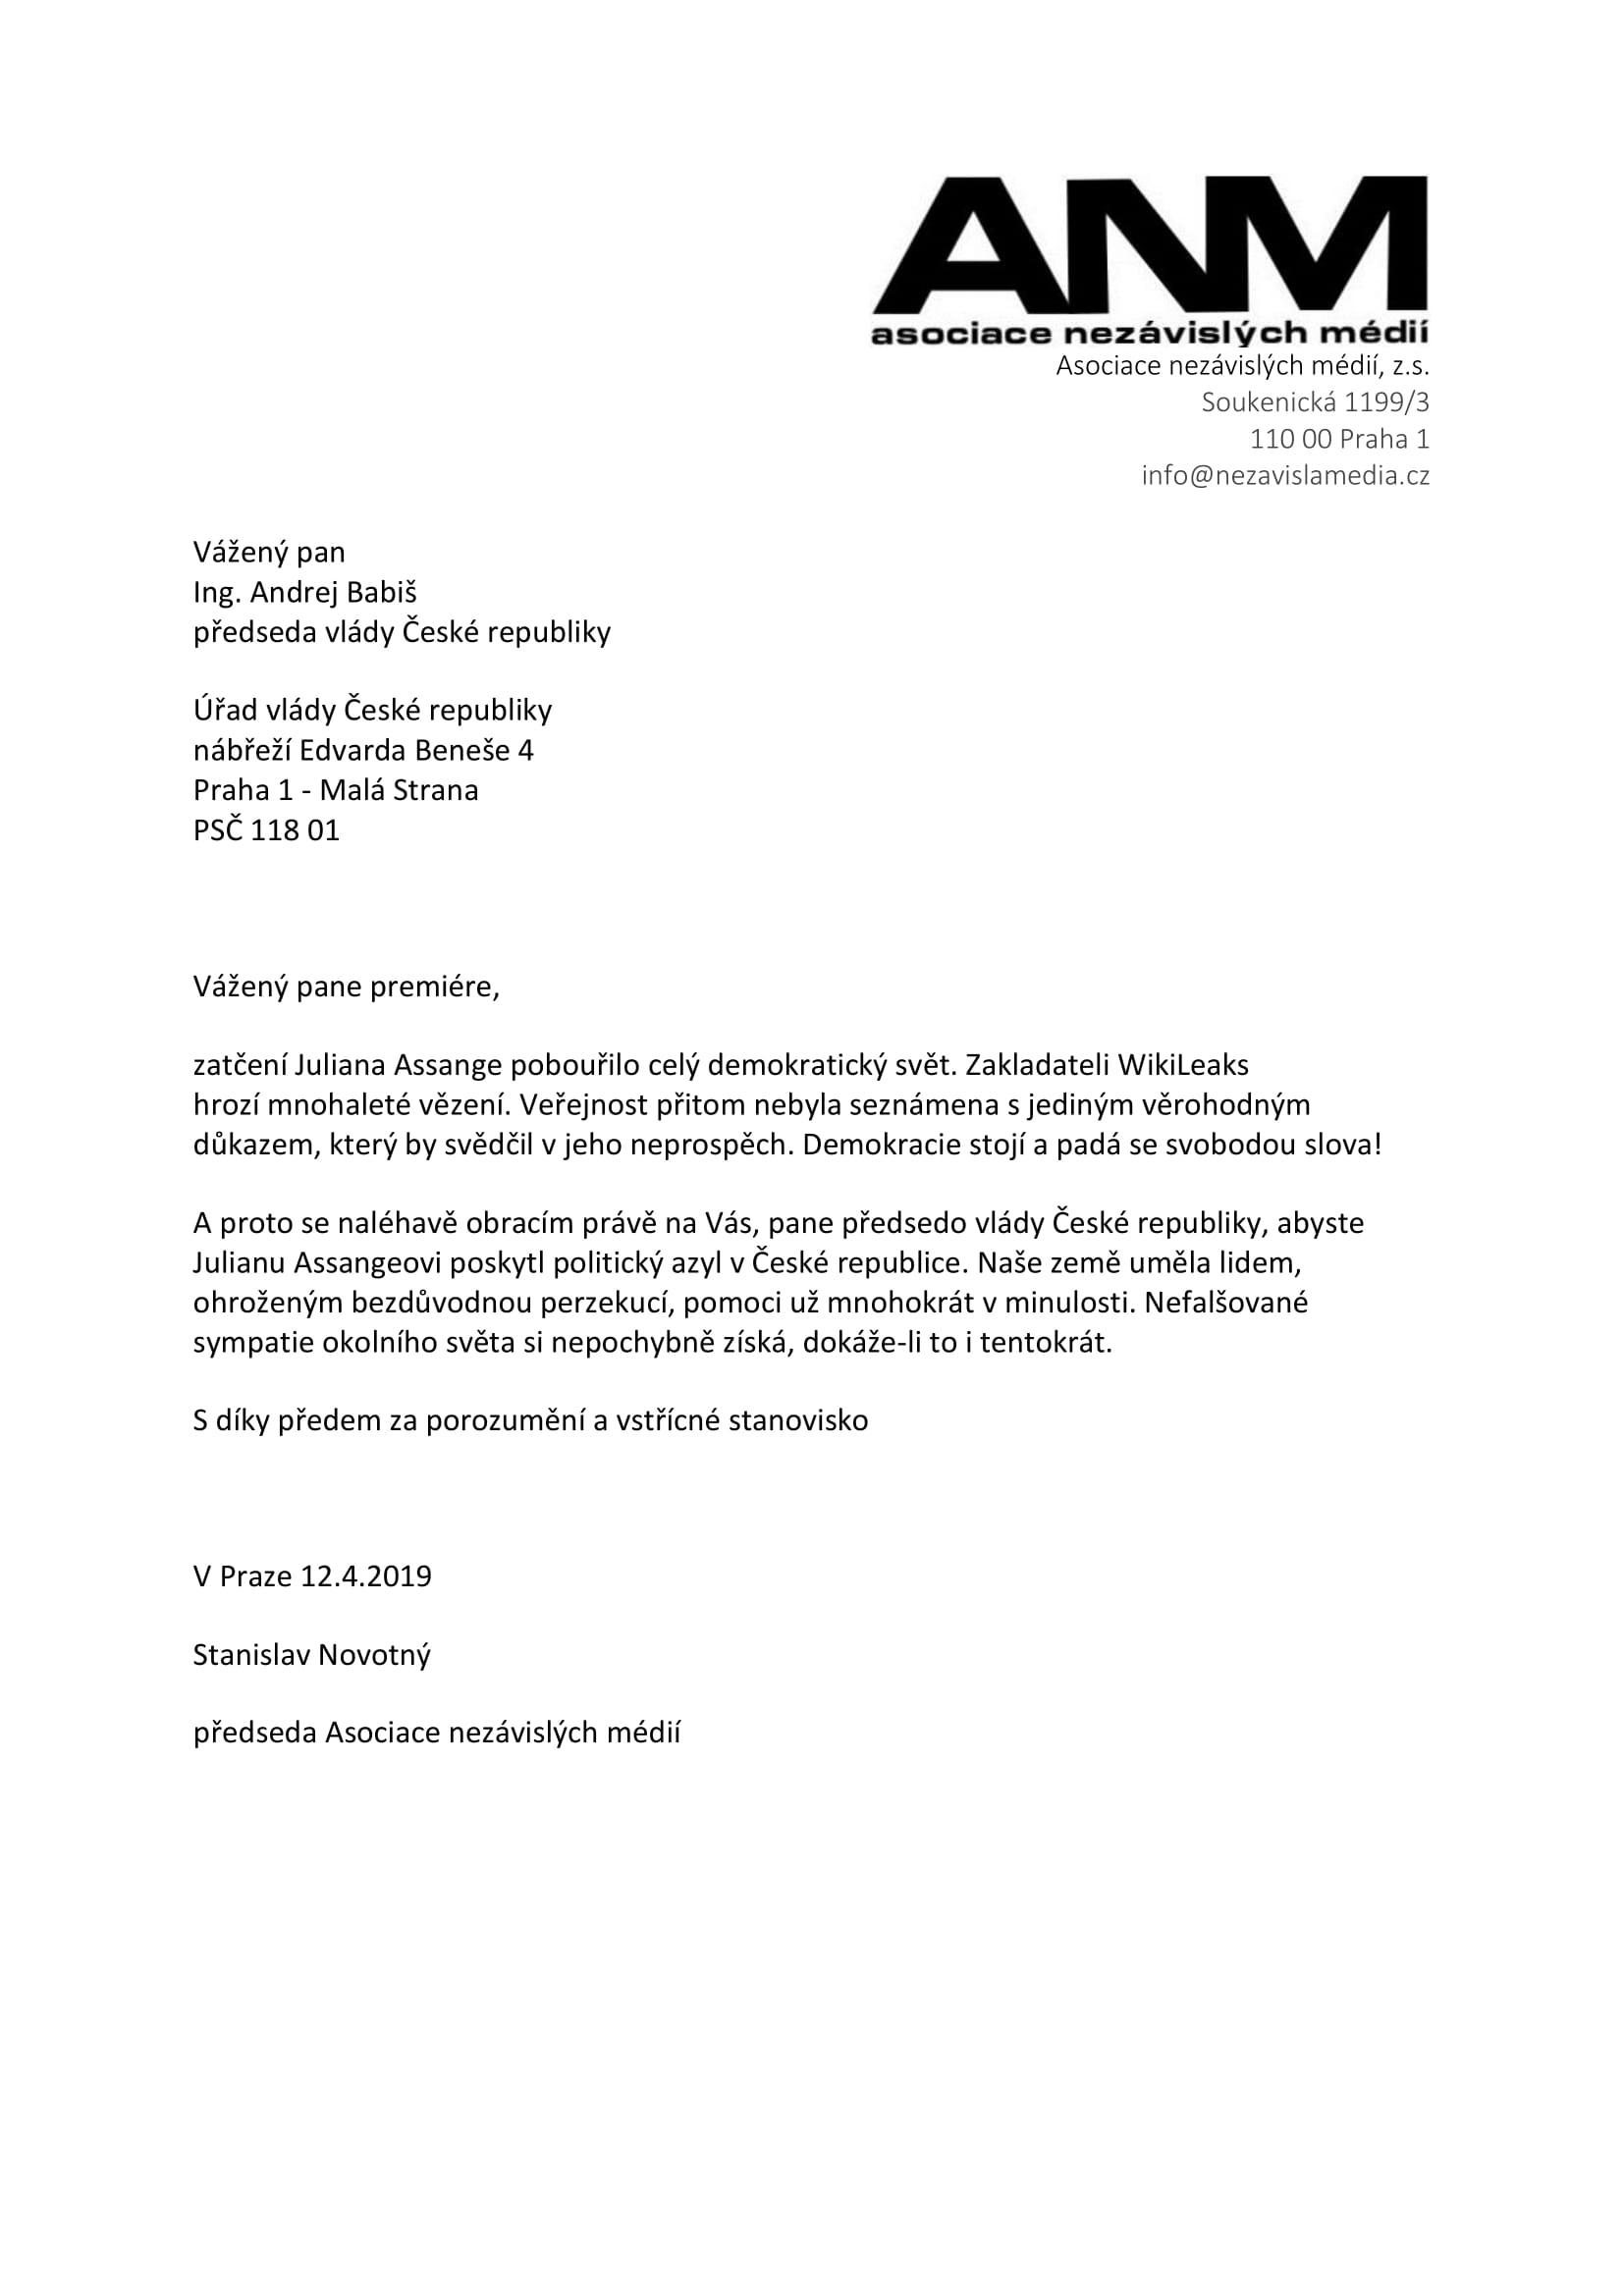 Dopis-předsedovi-vlády-ČR-ve-věci-Juliana-Assange